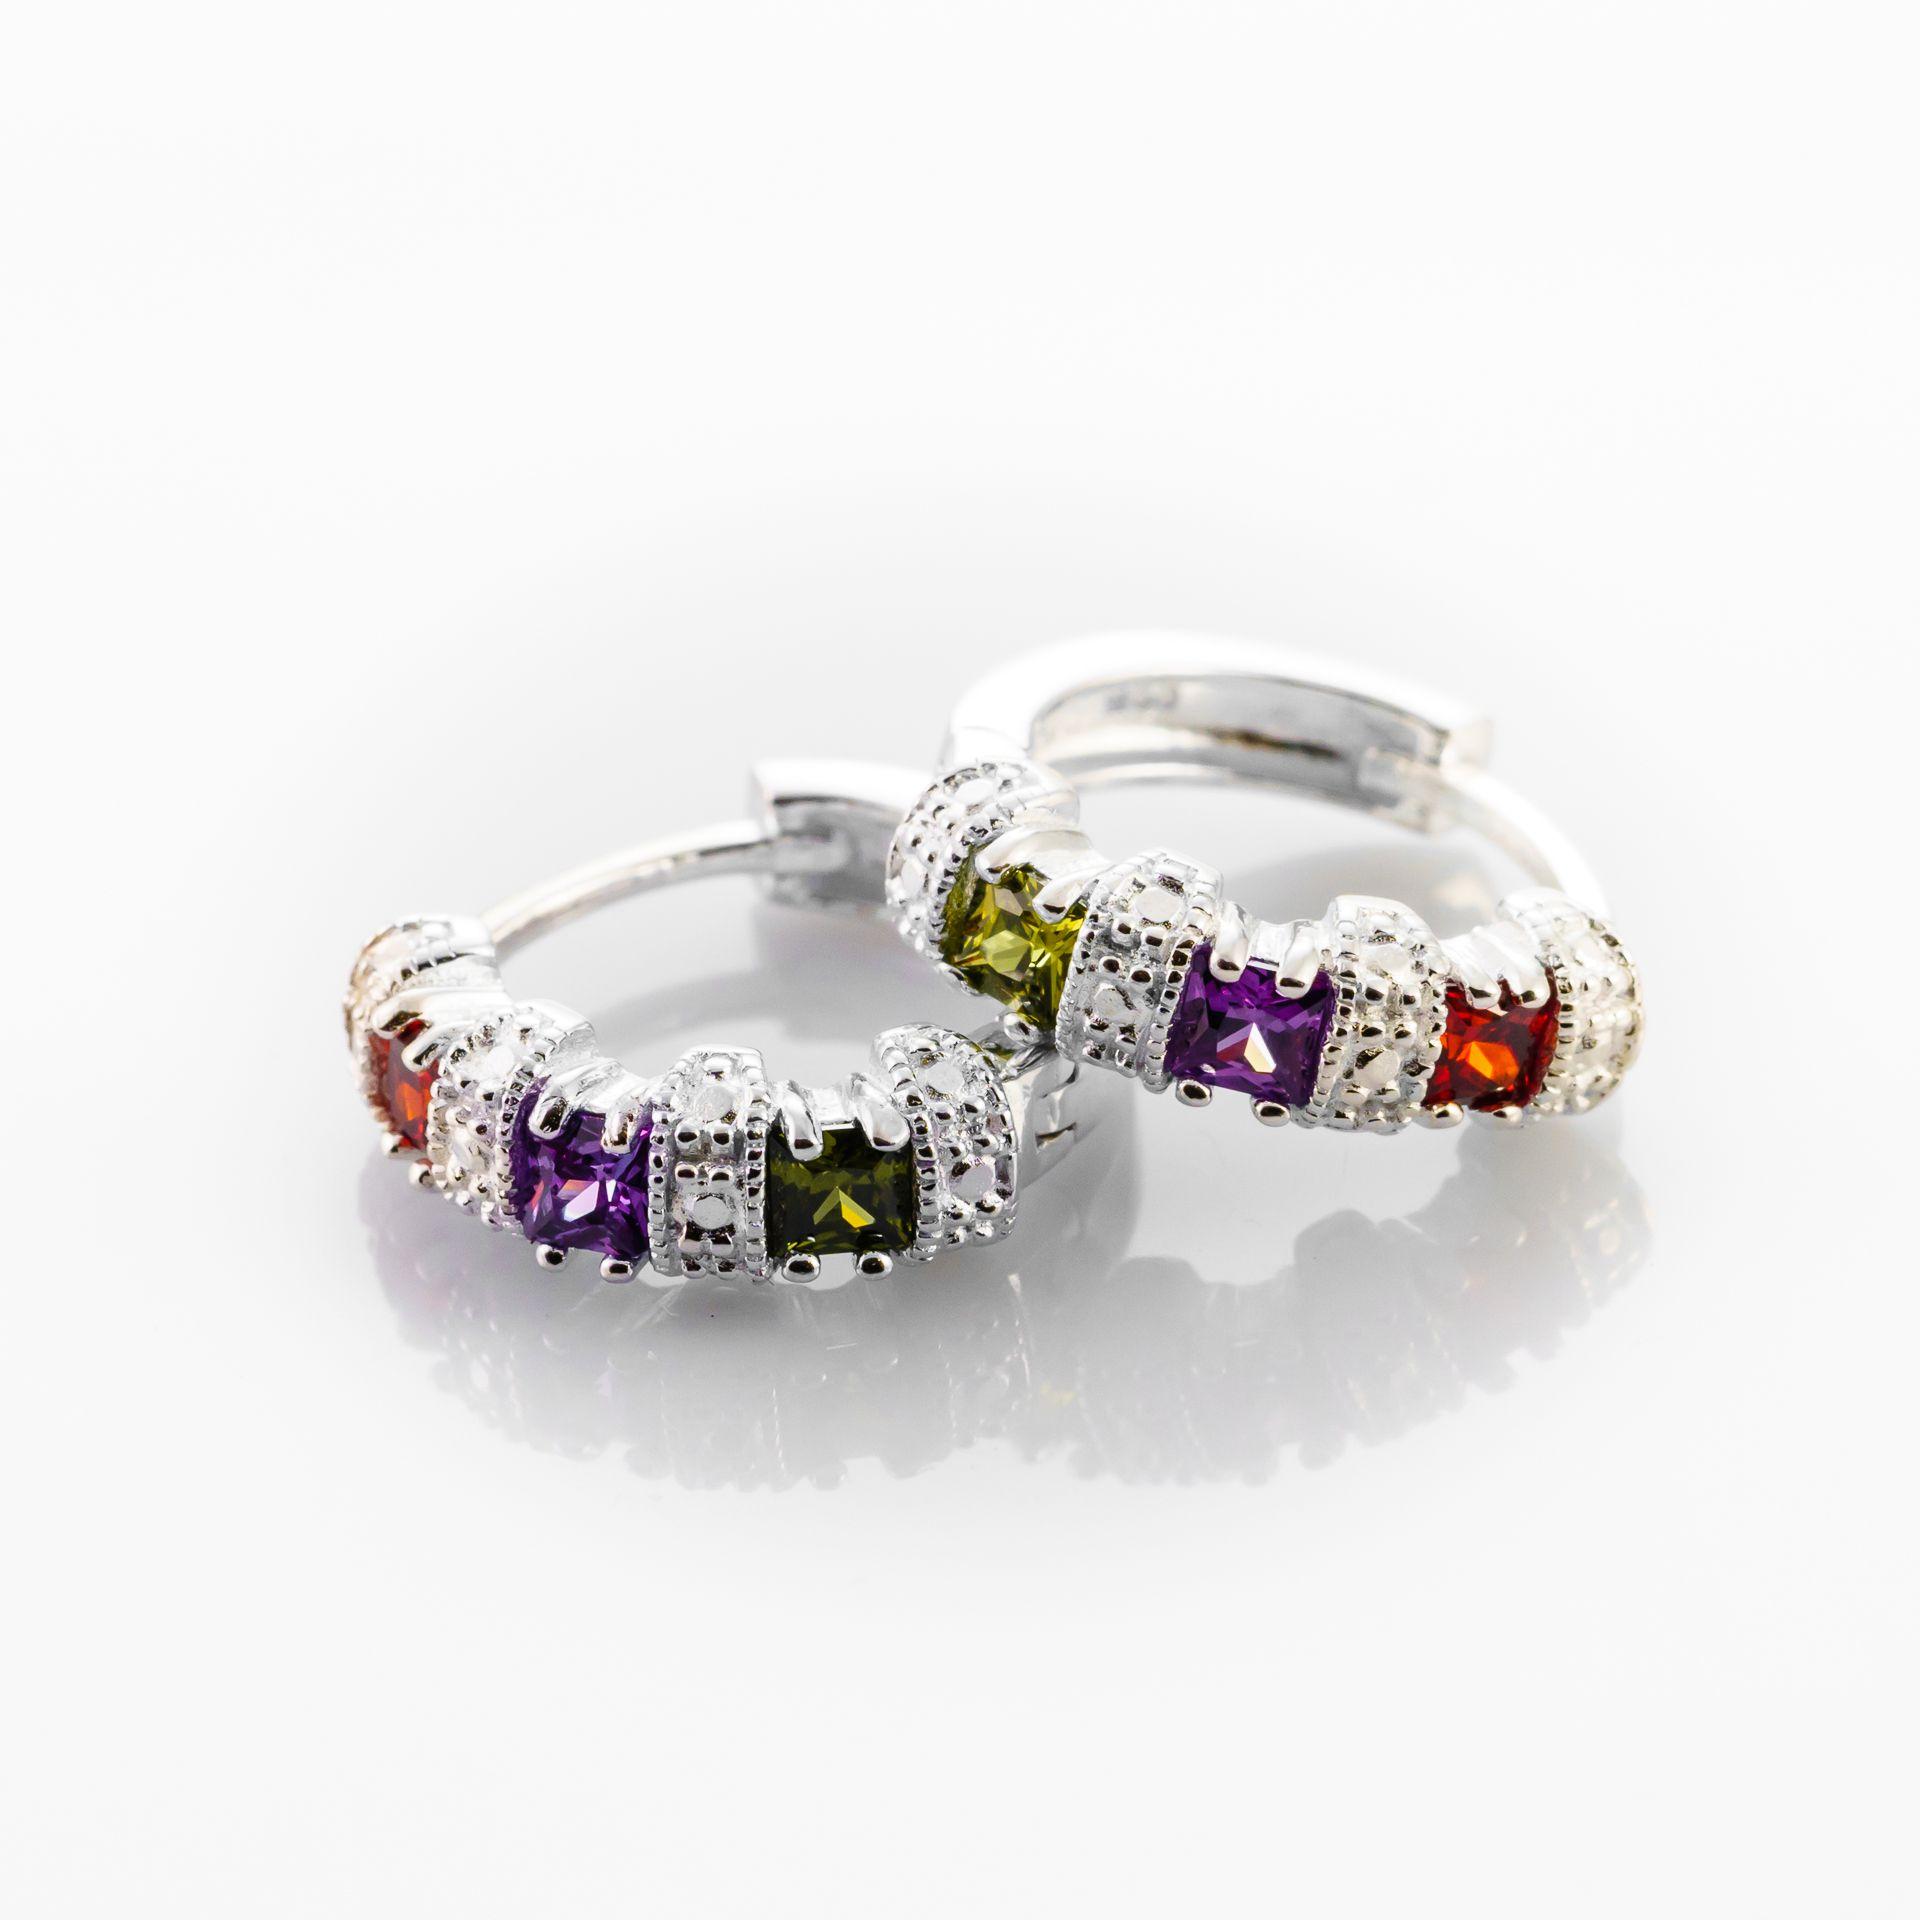 9696c6896536 ARGOLLAS CON PIEDRAS MULTICOLOR  Argollas  Multicolor  piedras cuadradas   Plata  zirconias multicolor